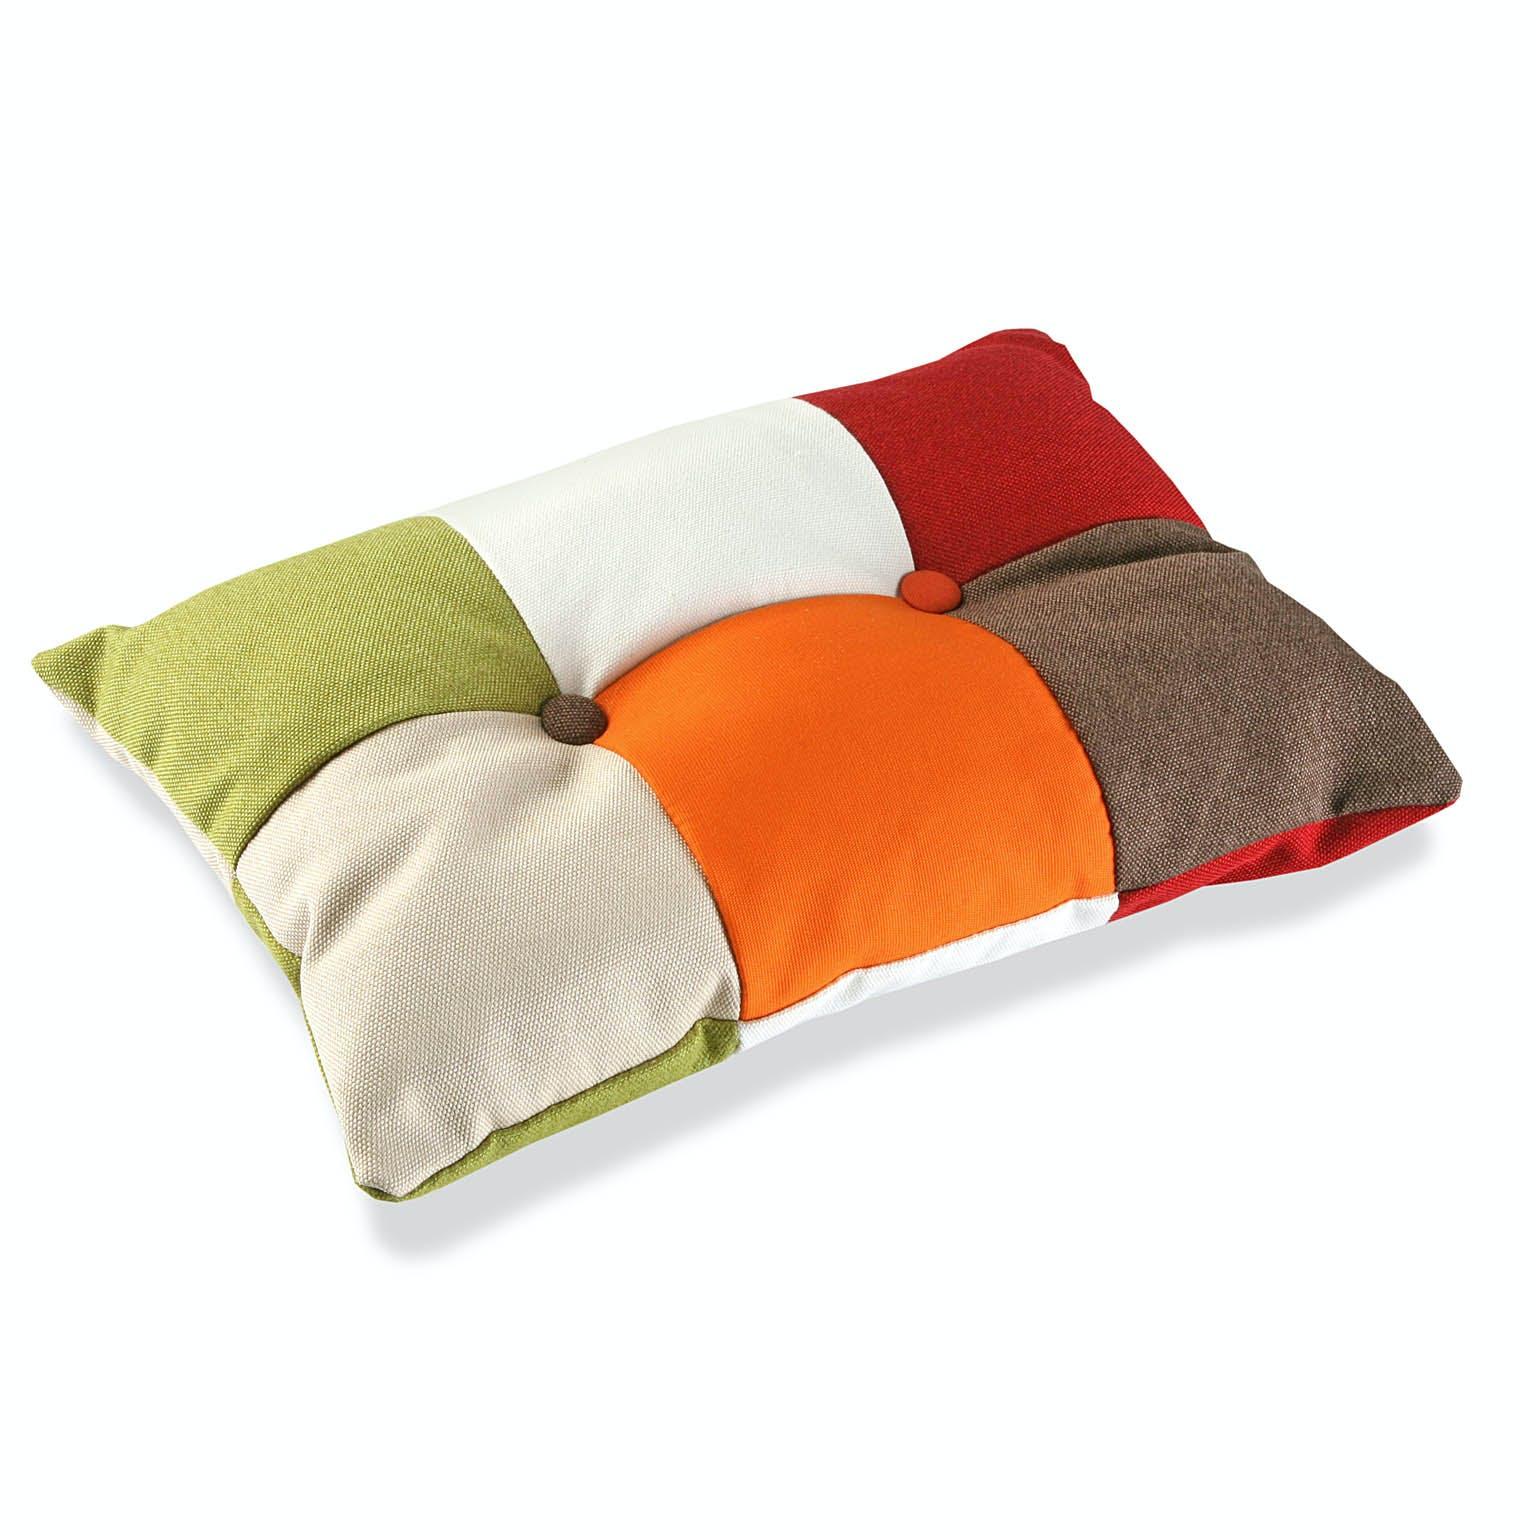 Coussin rectangle épais en tissu Patchwork coloré 50x15x30cm GREEN